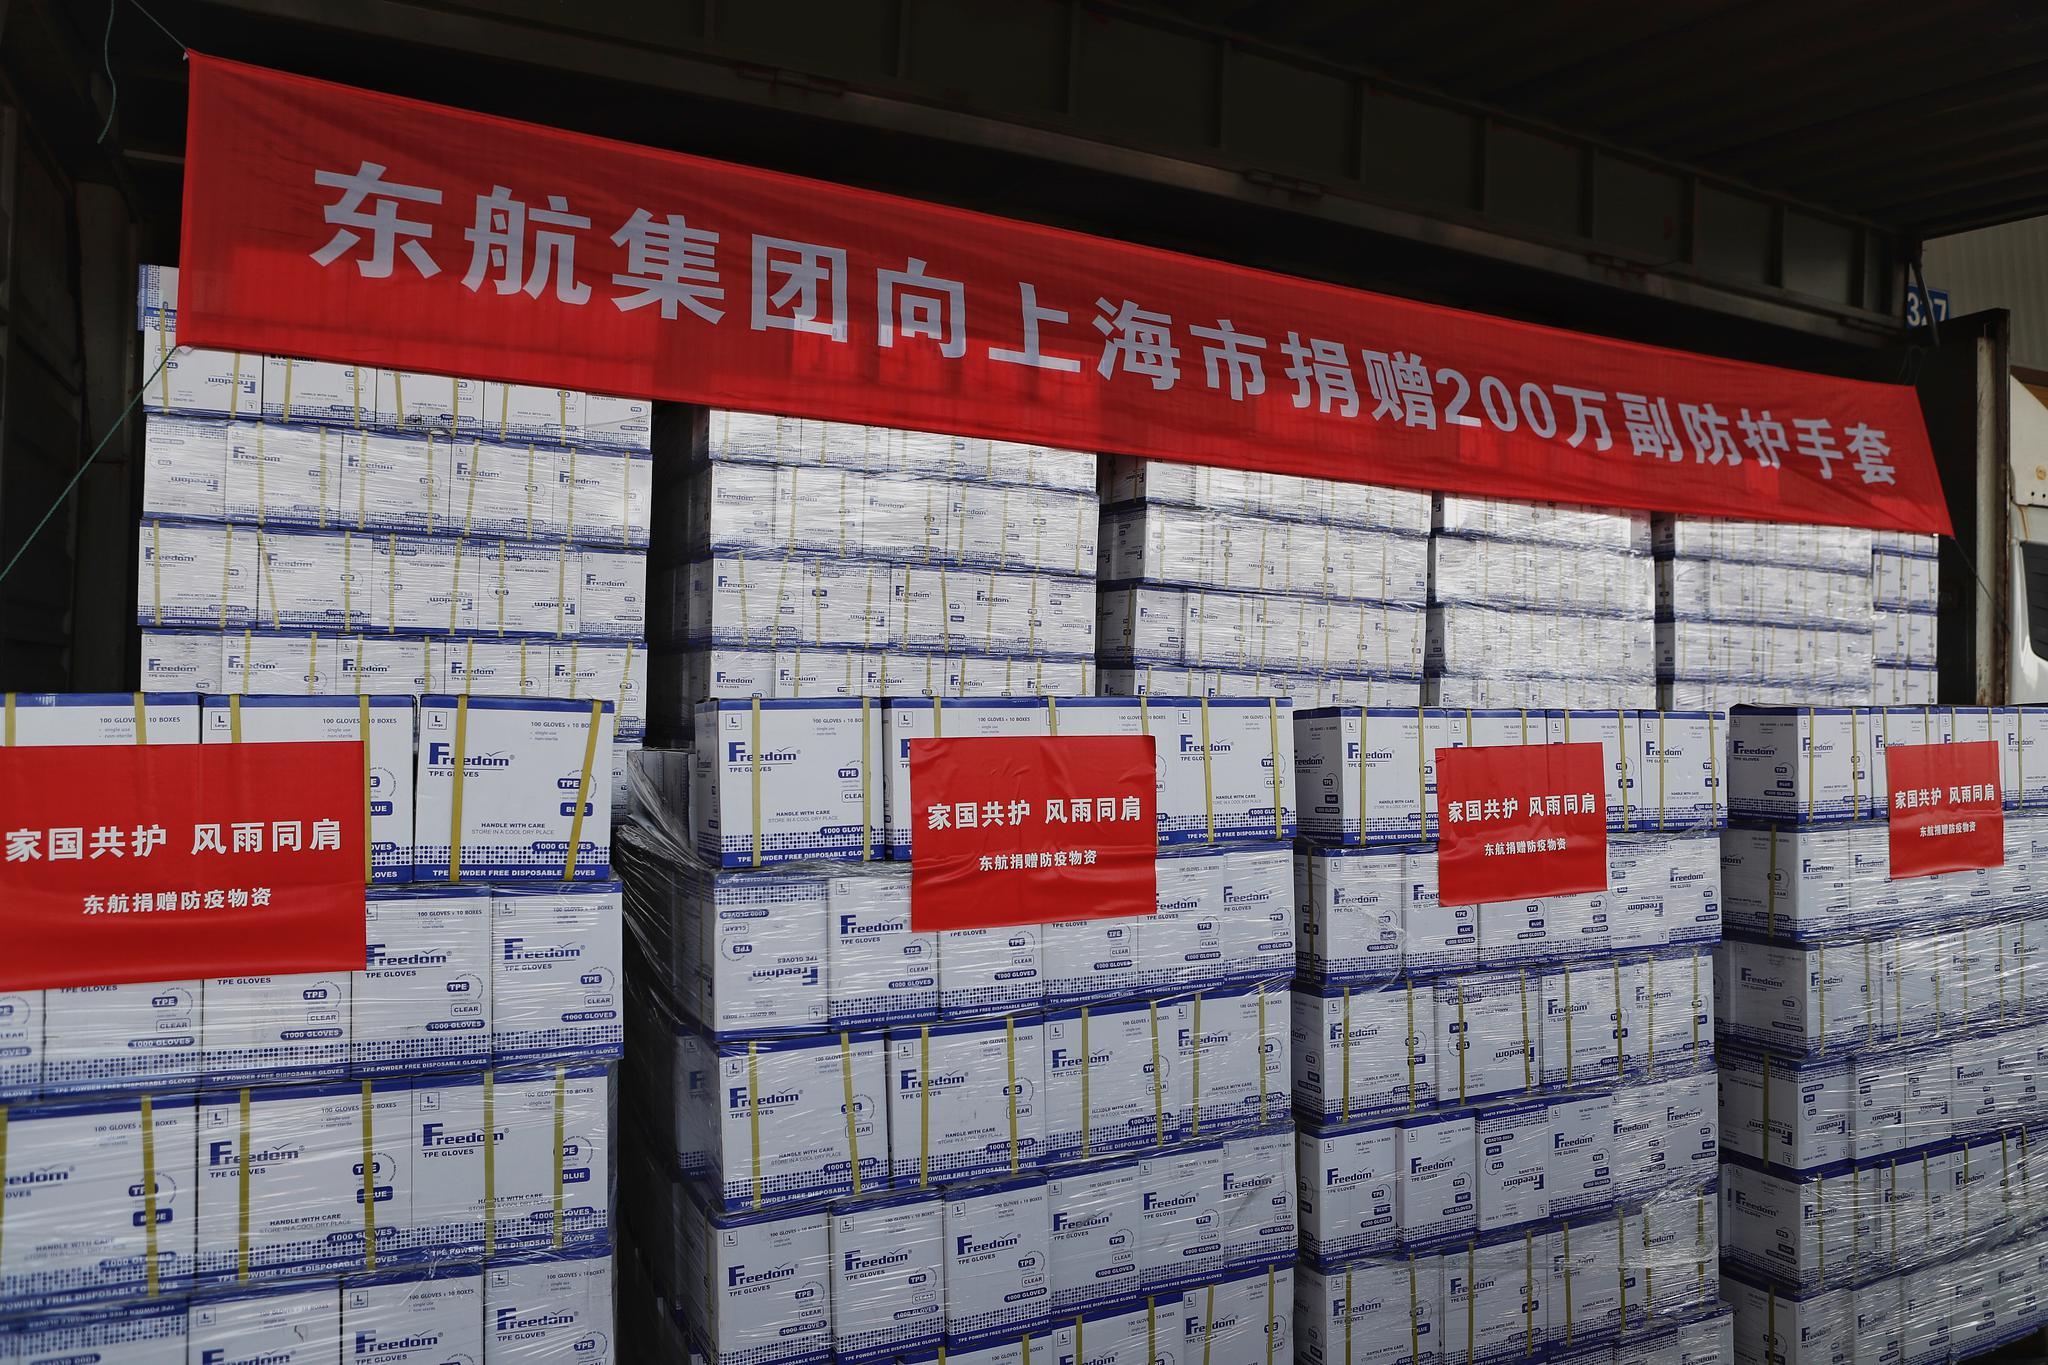 东航捐赠上海400万只医用防护手套:很快投入前线图片